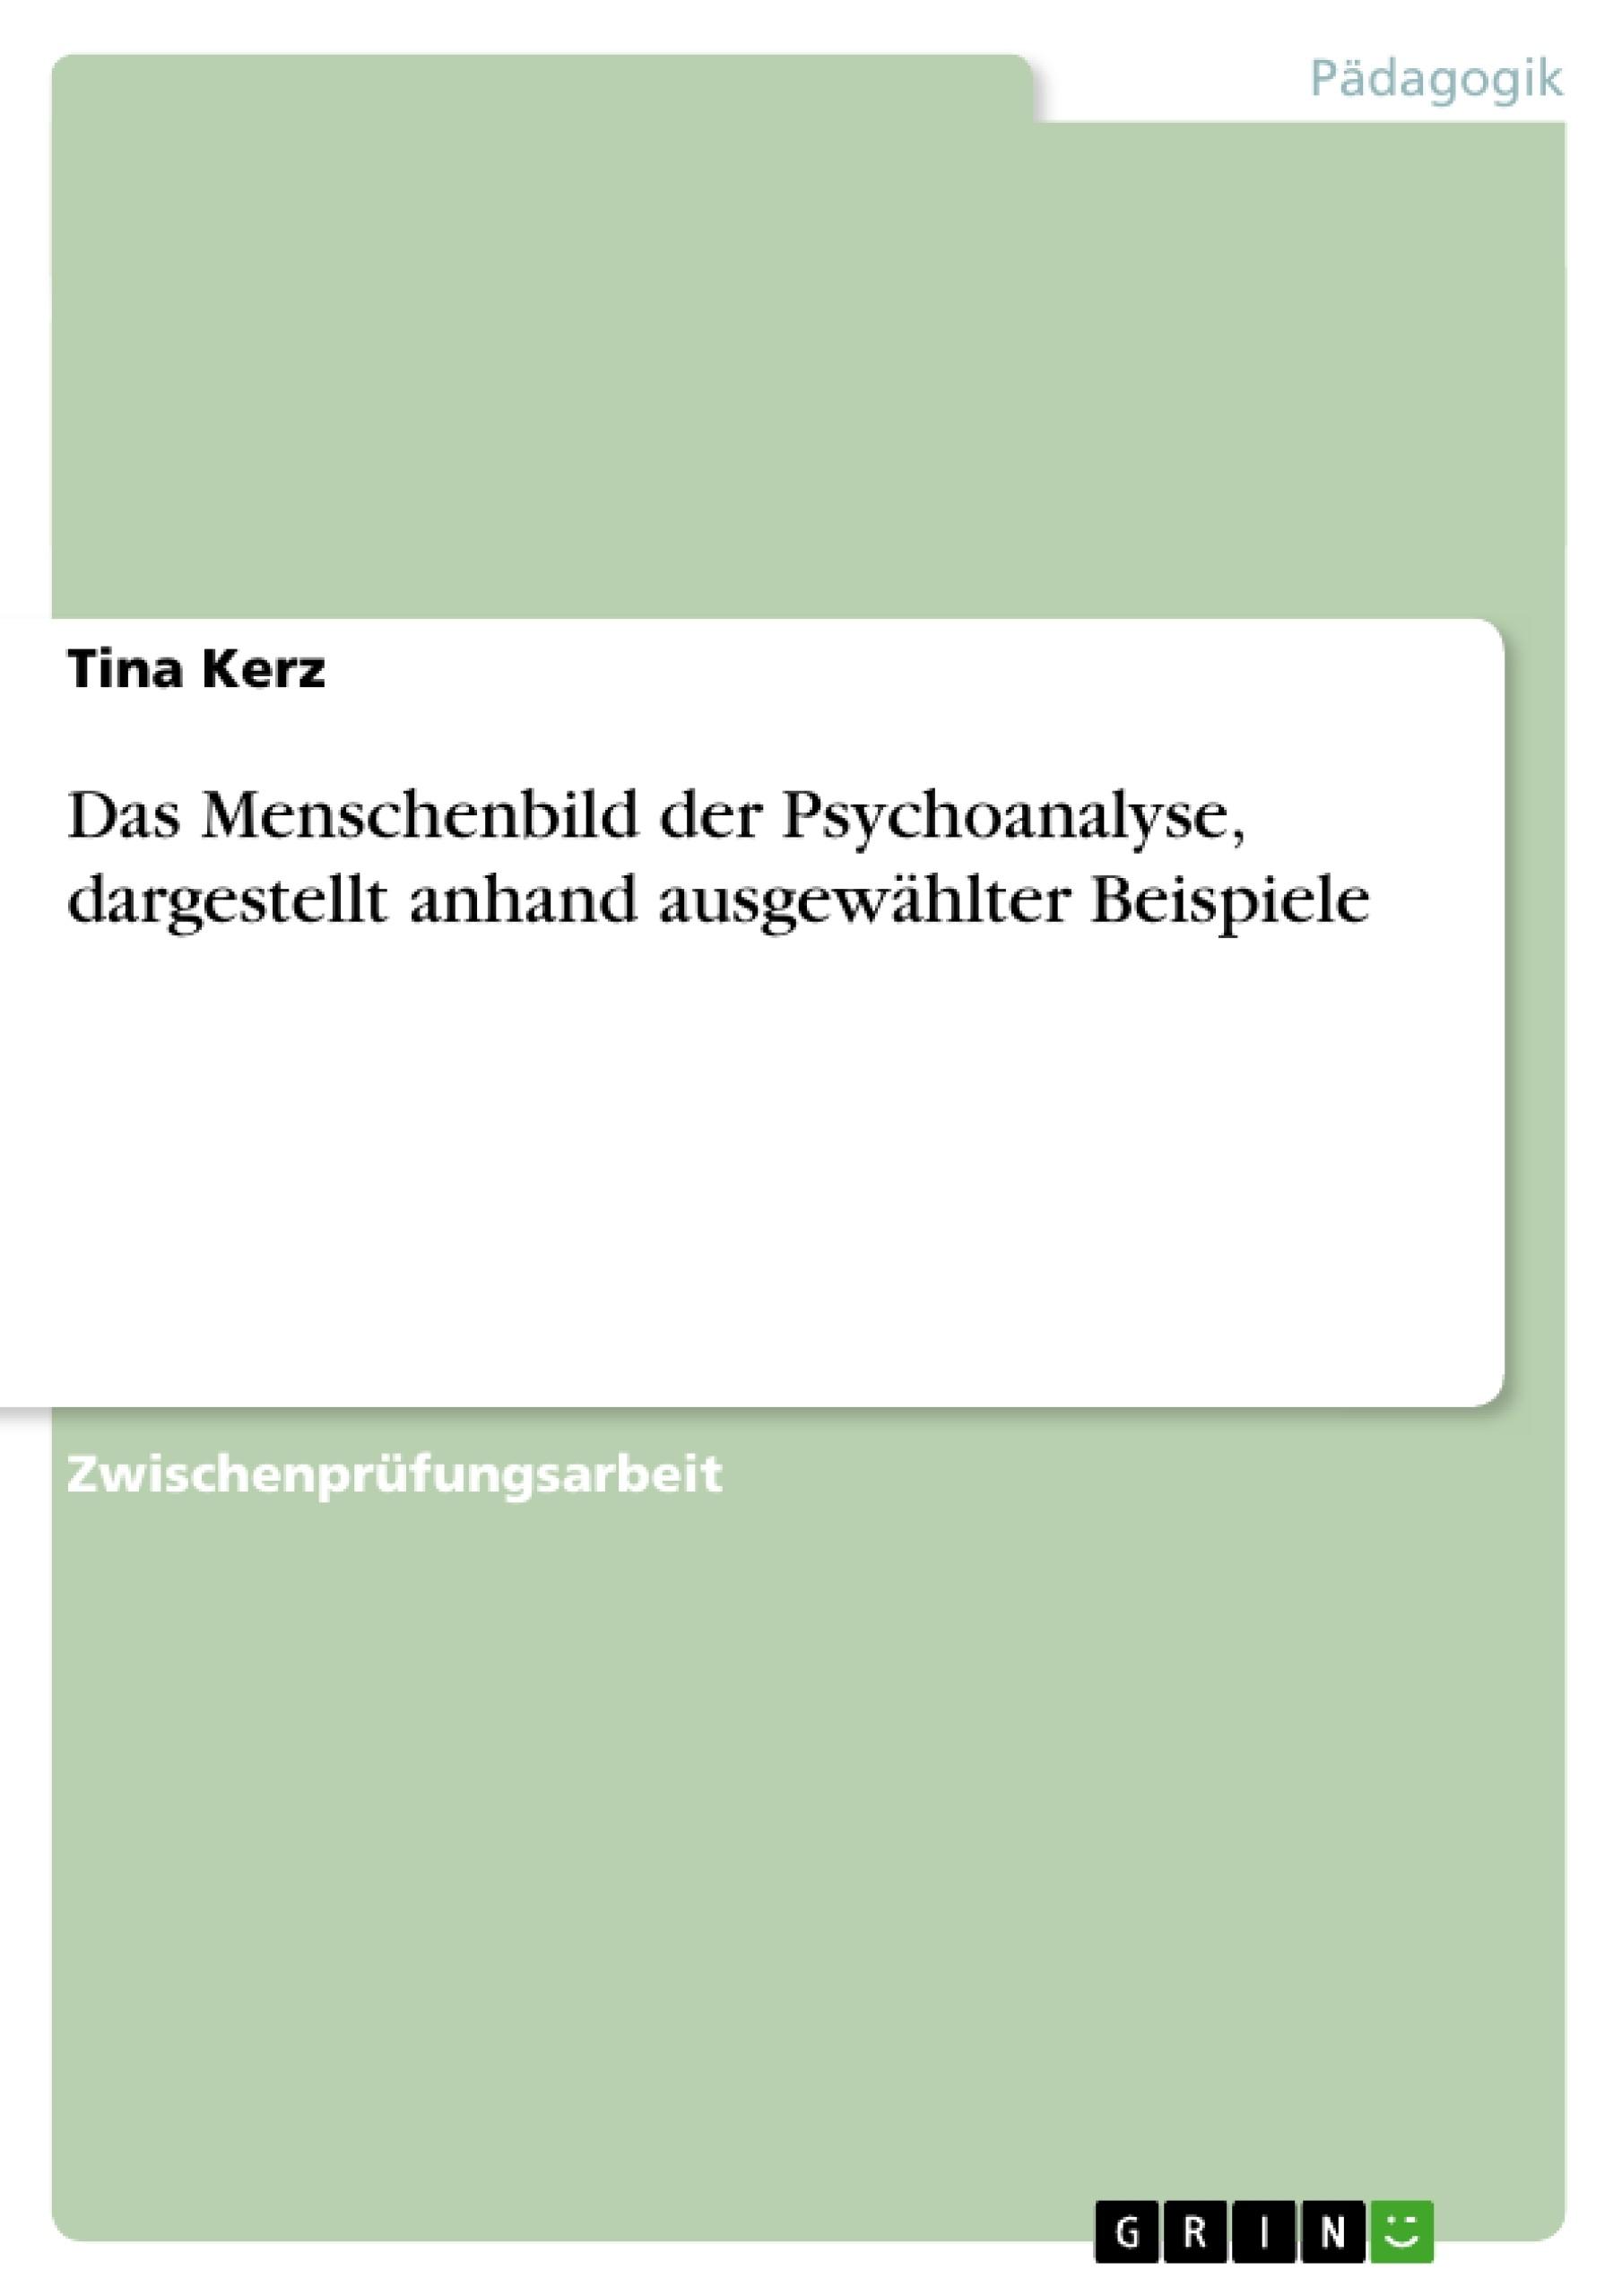 Titel: Das Menschenbild der Psychoanalyse, dargestellt anhand ausgewählter Beispiele